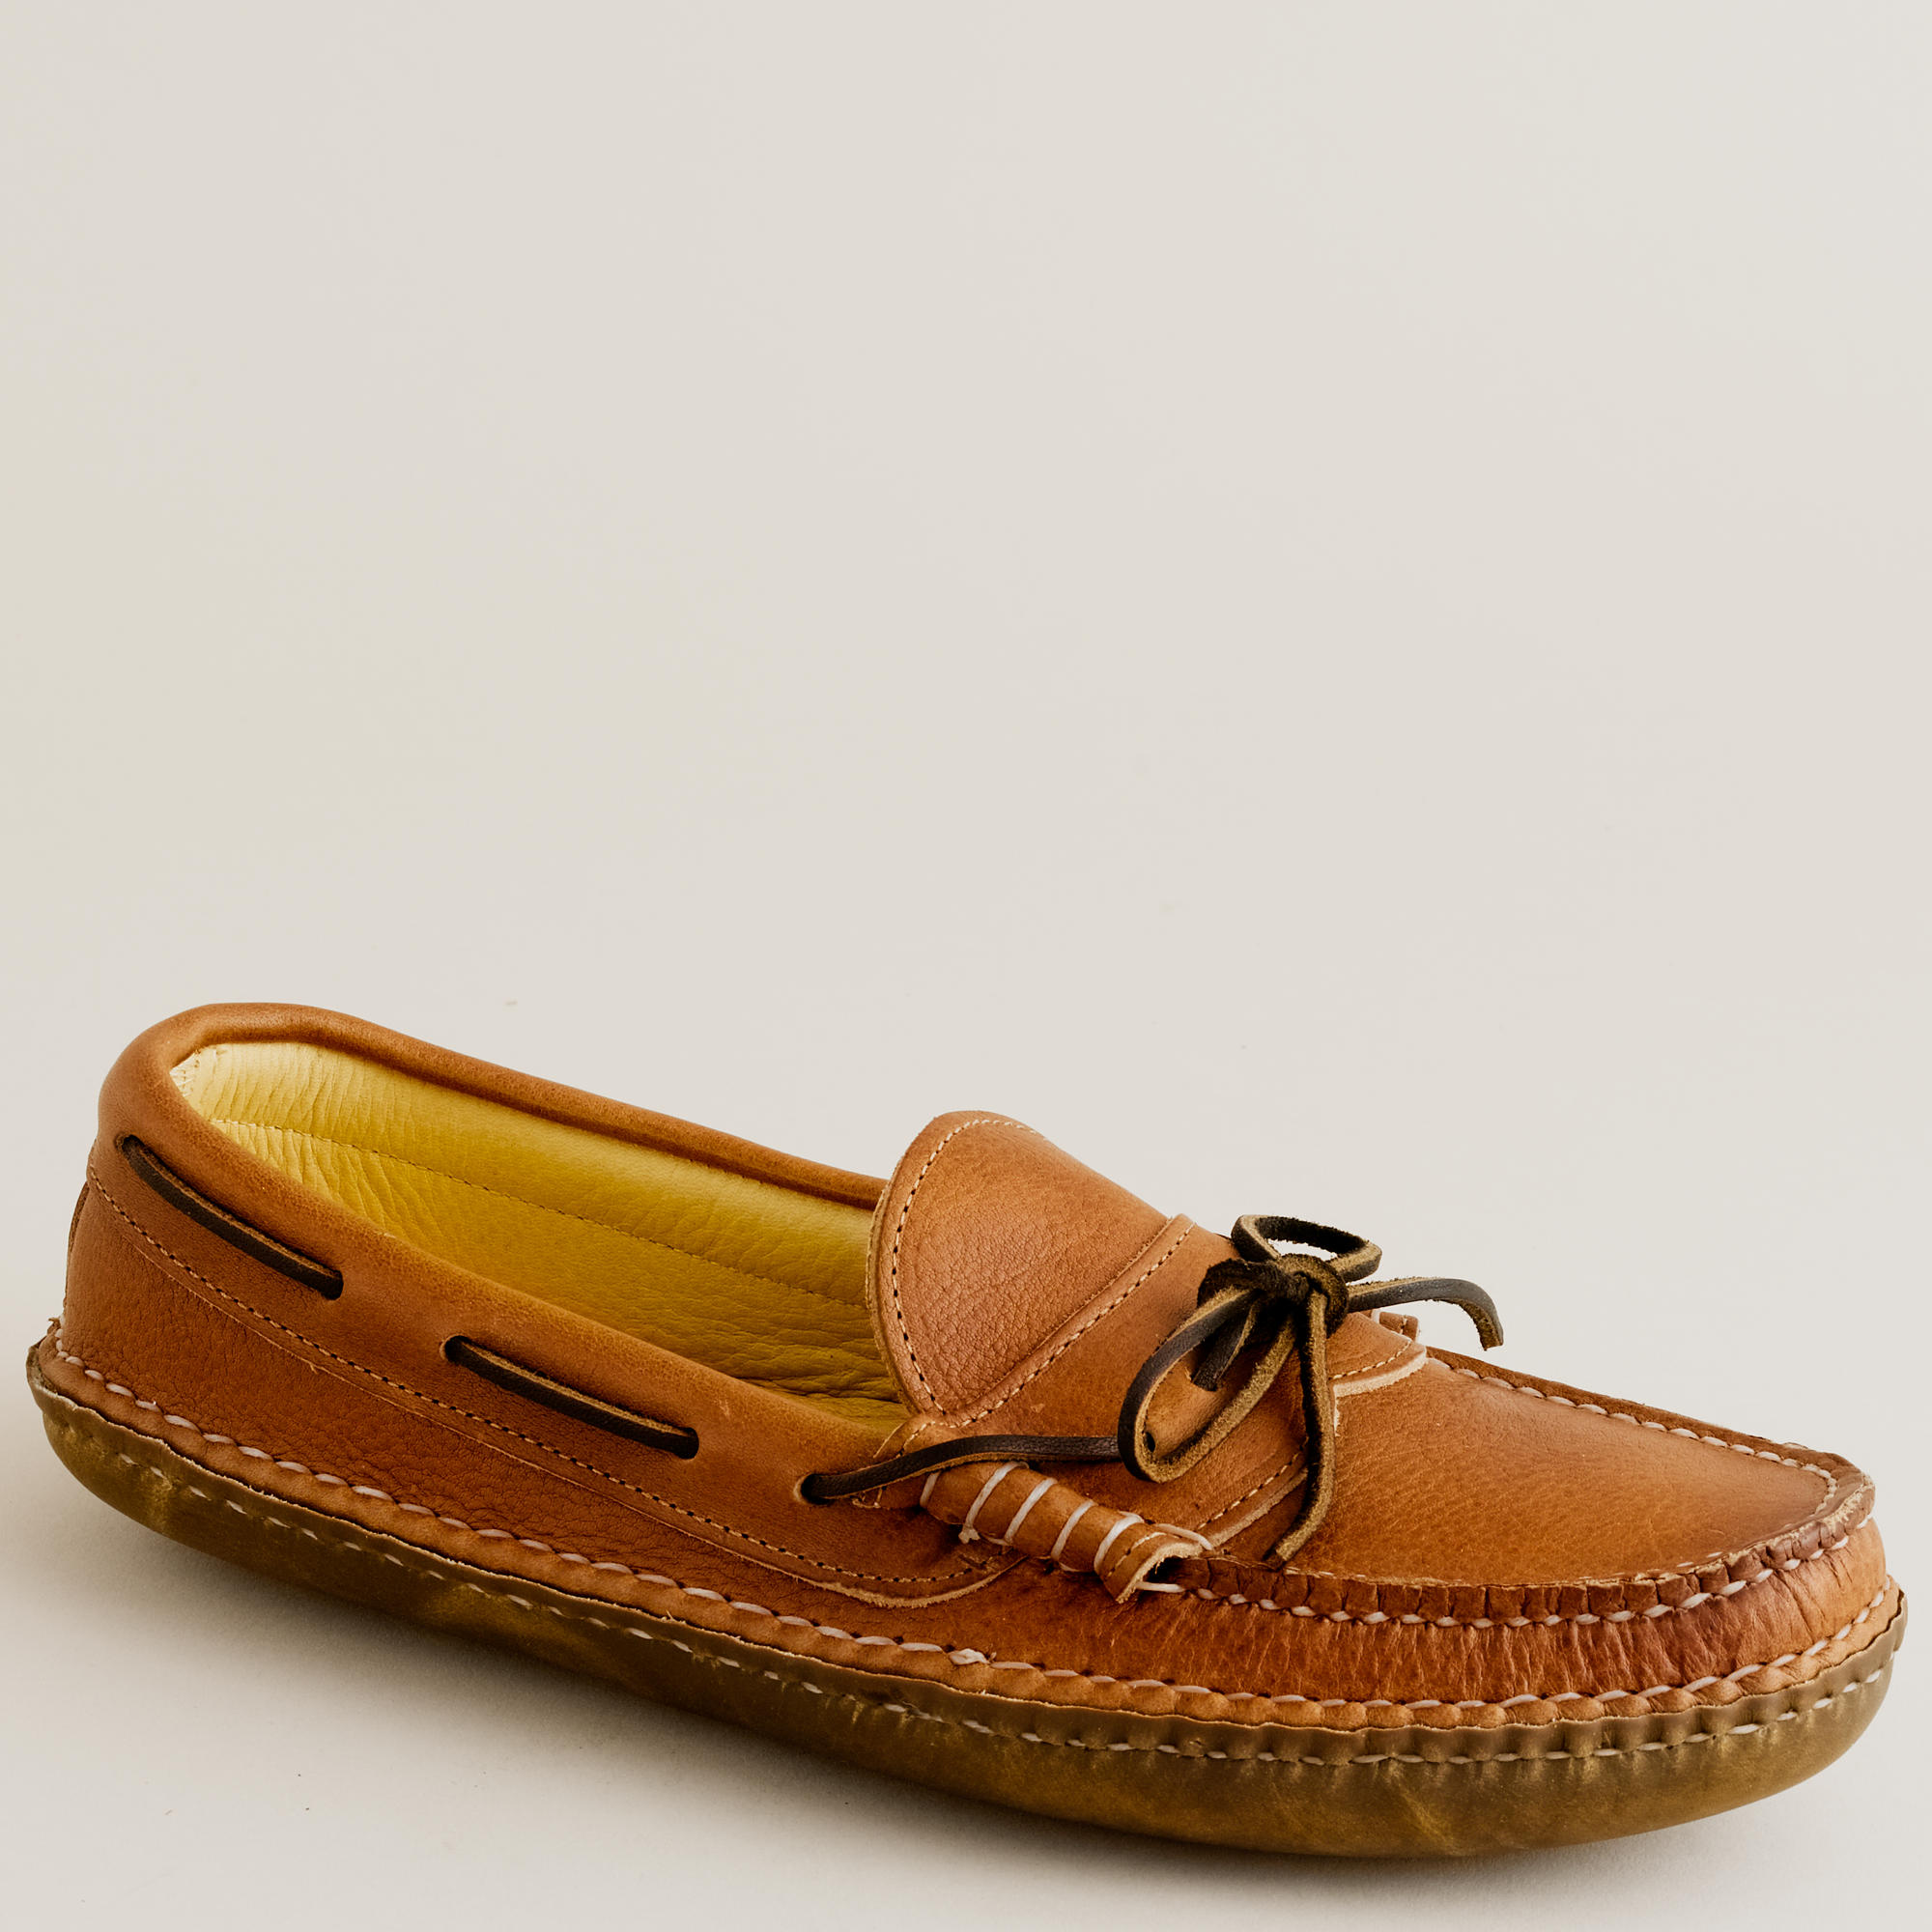 J Crew Outlet Mens Shoes